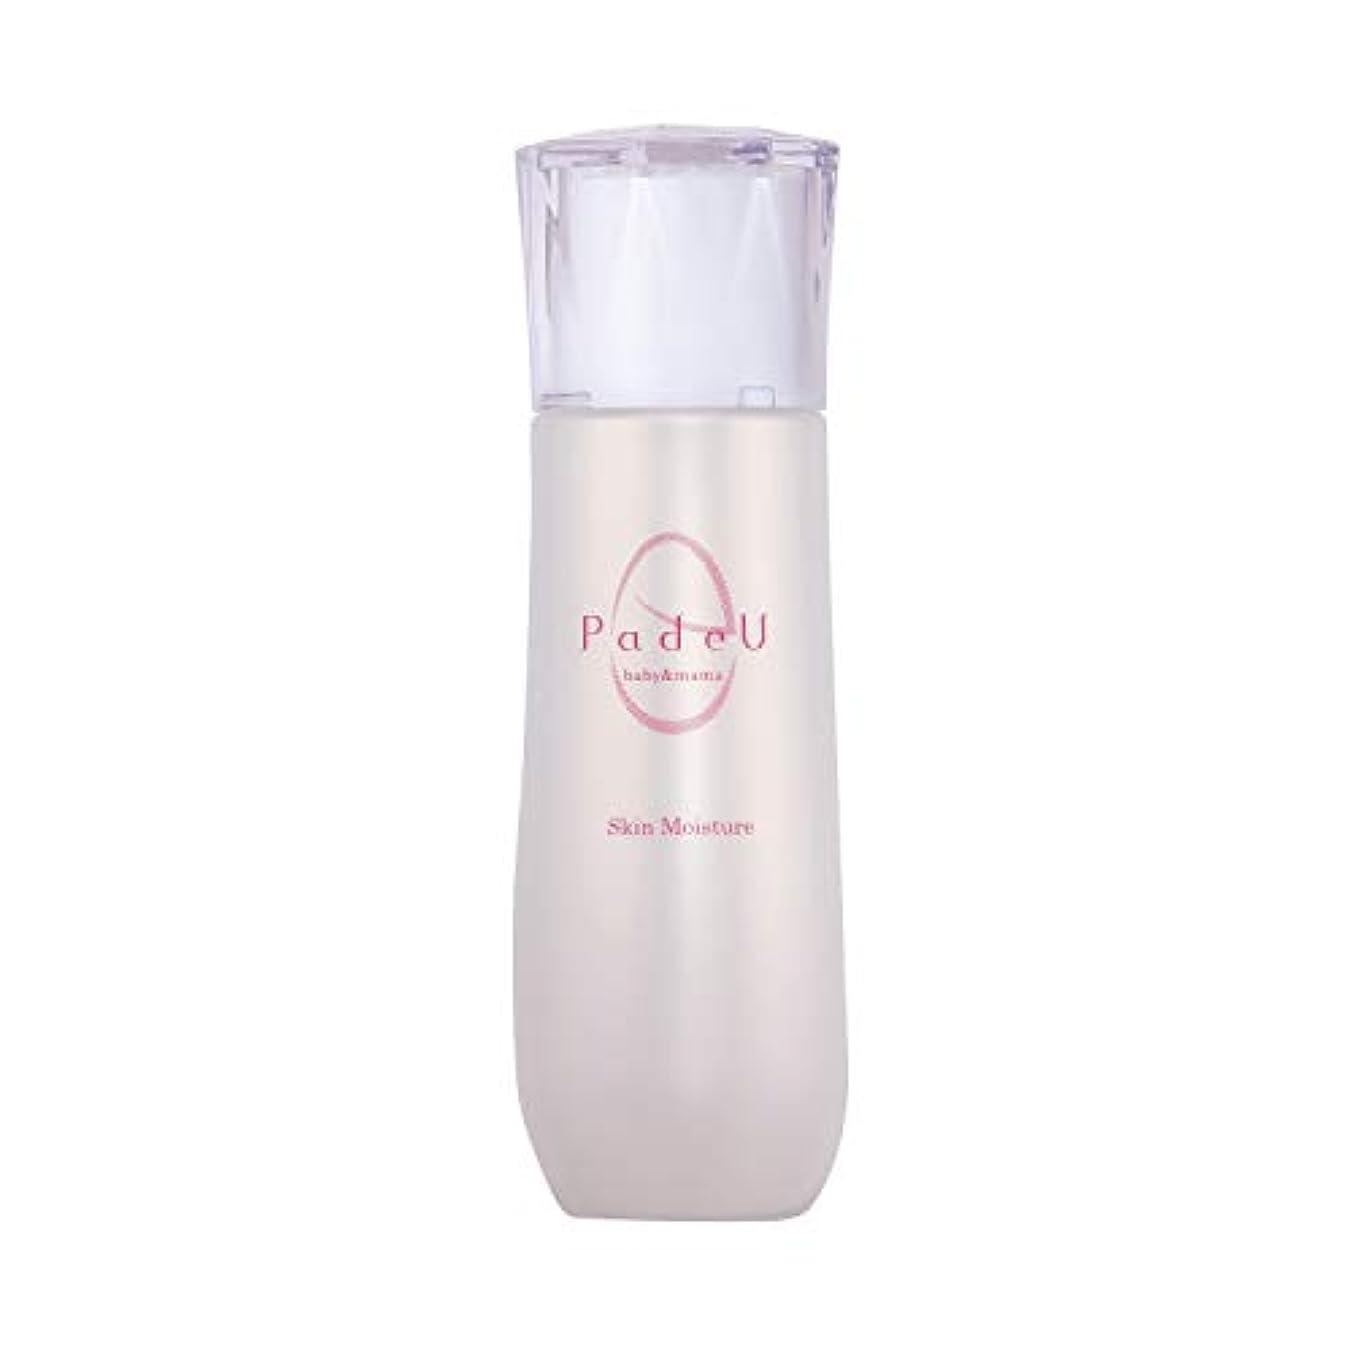 保存既に意味のあるパデュウ スキンモイスチャー 化粧水 120mL